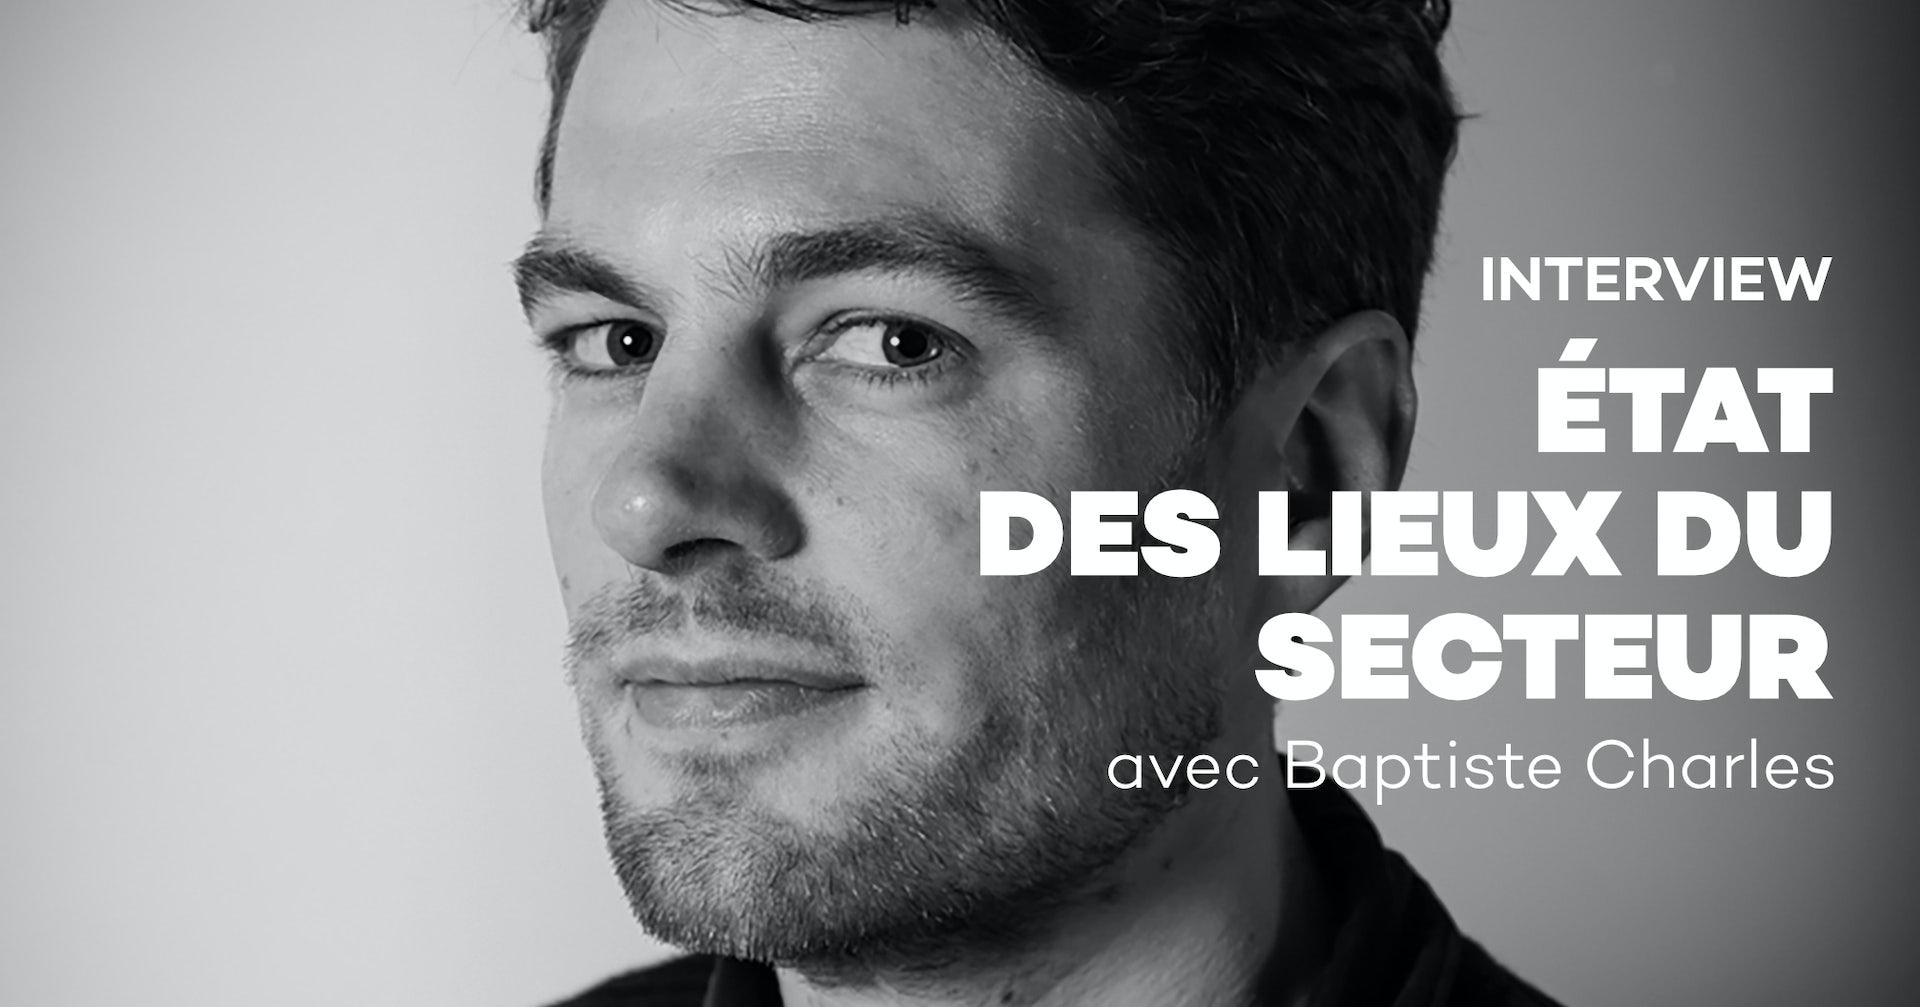 BAPTISTE CHARLES